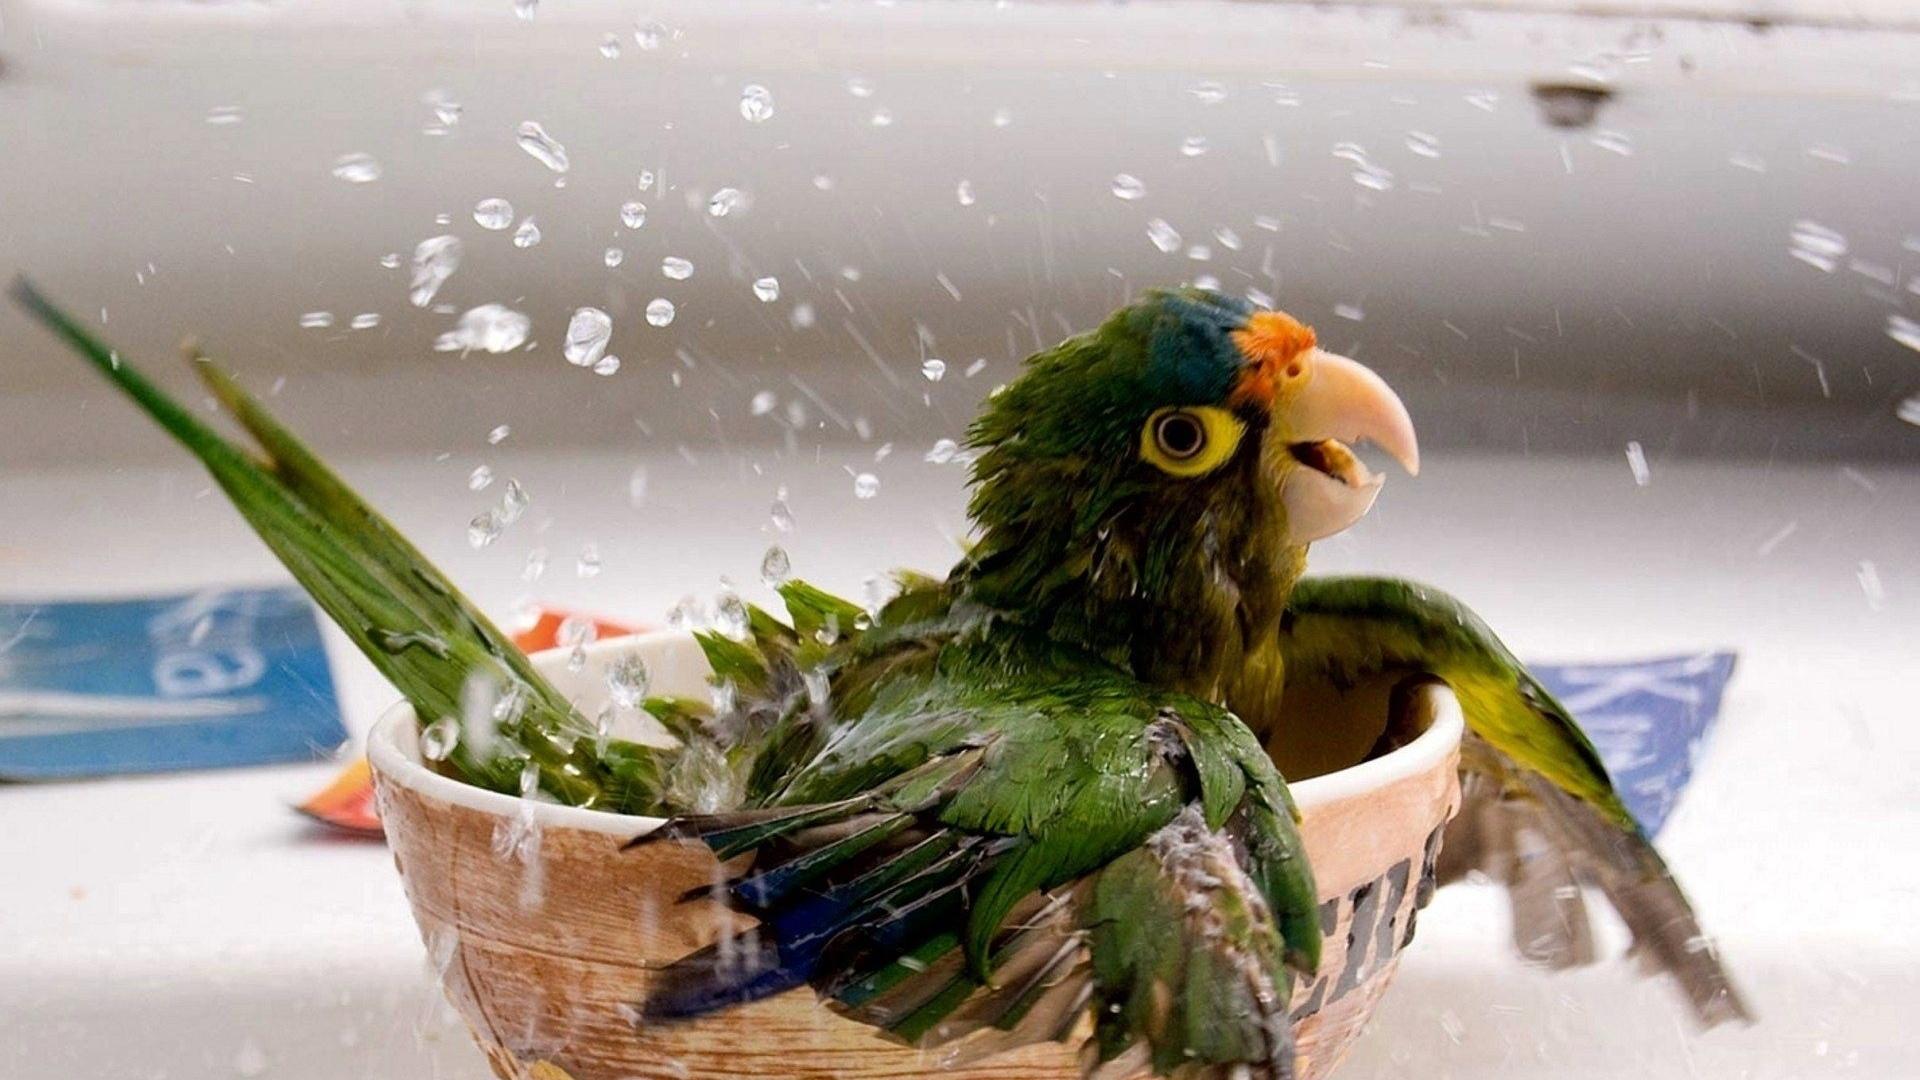 animals birds parrots wings splash drops water yes fun happy humor